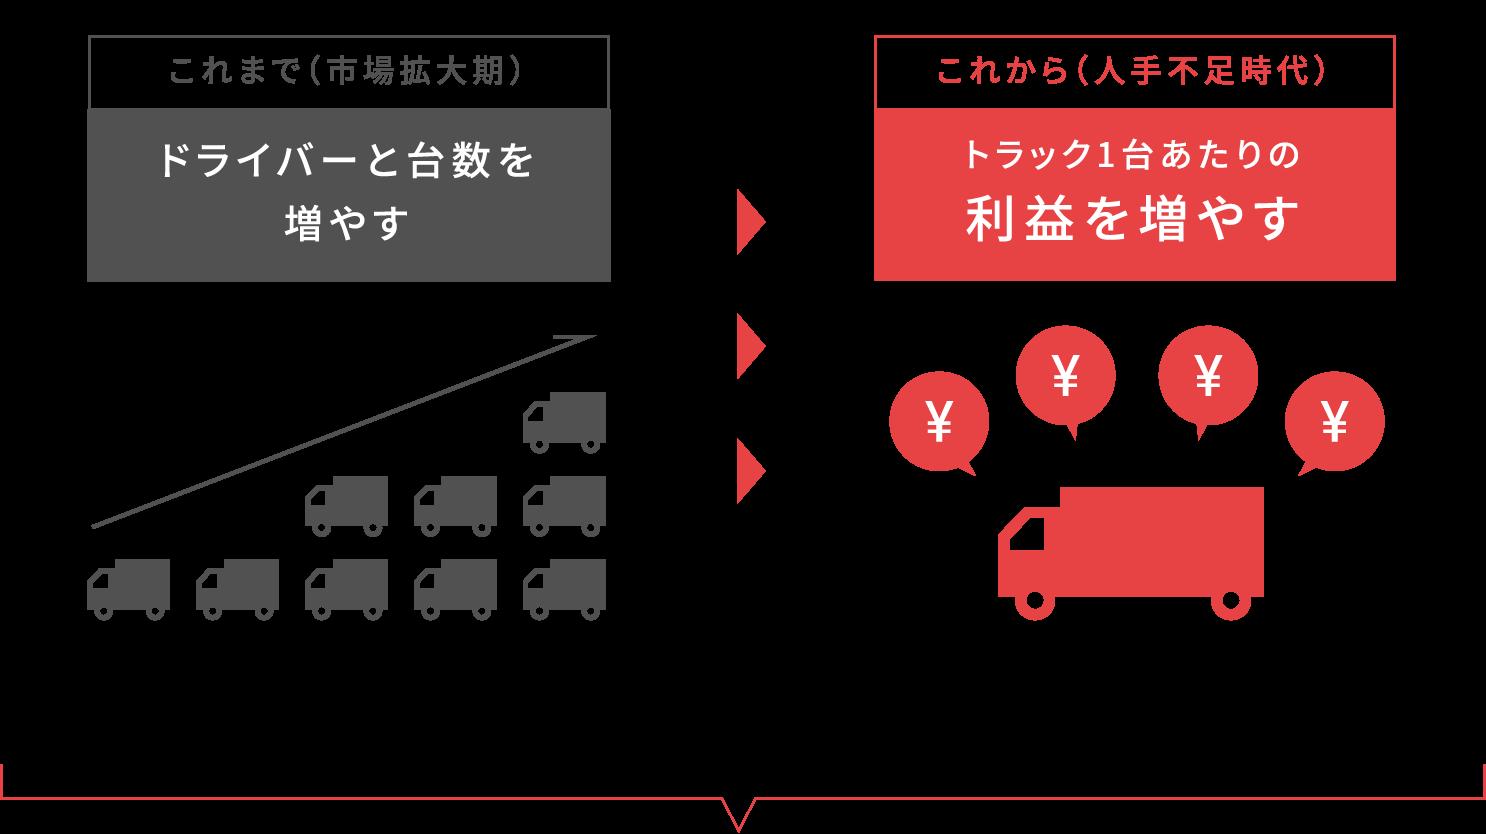 運送業界の社会課題